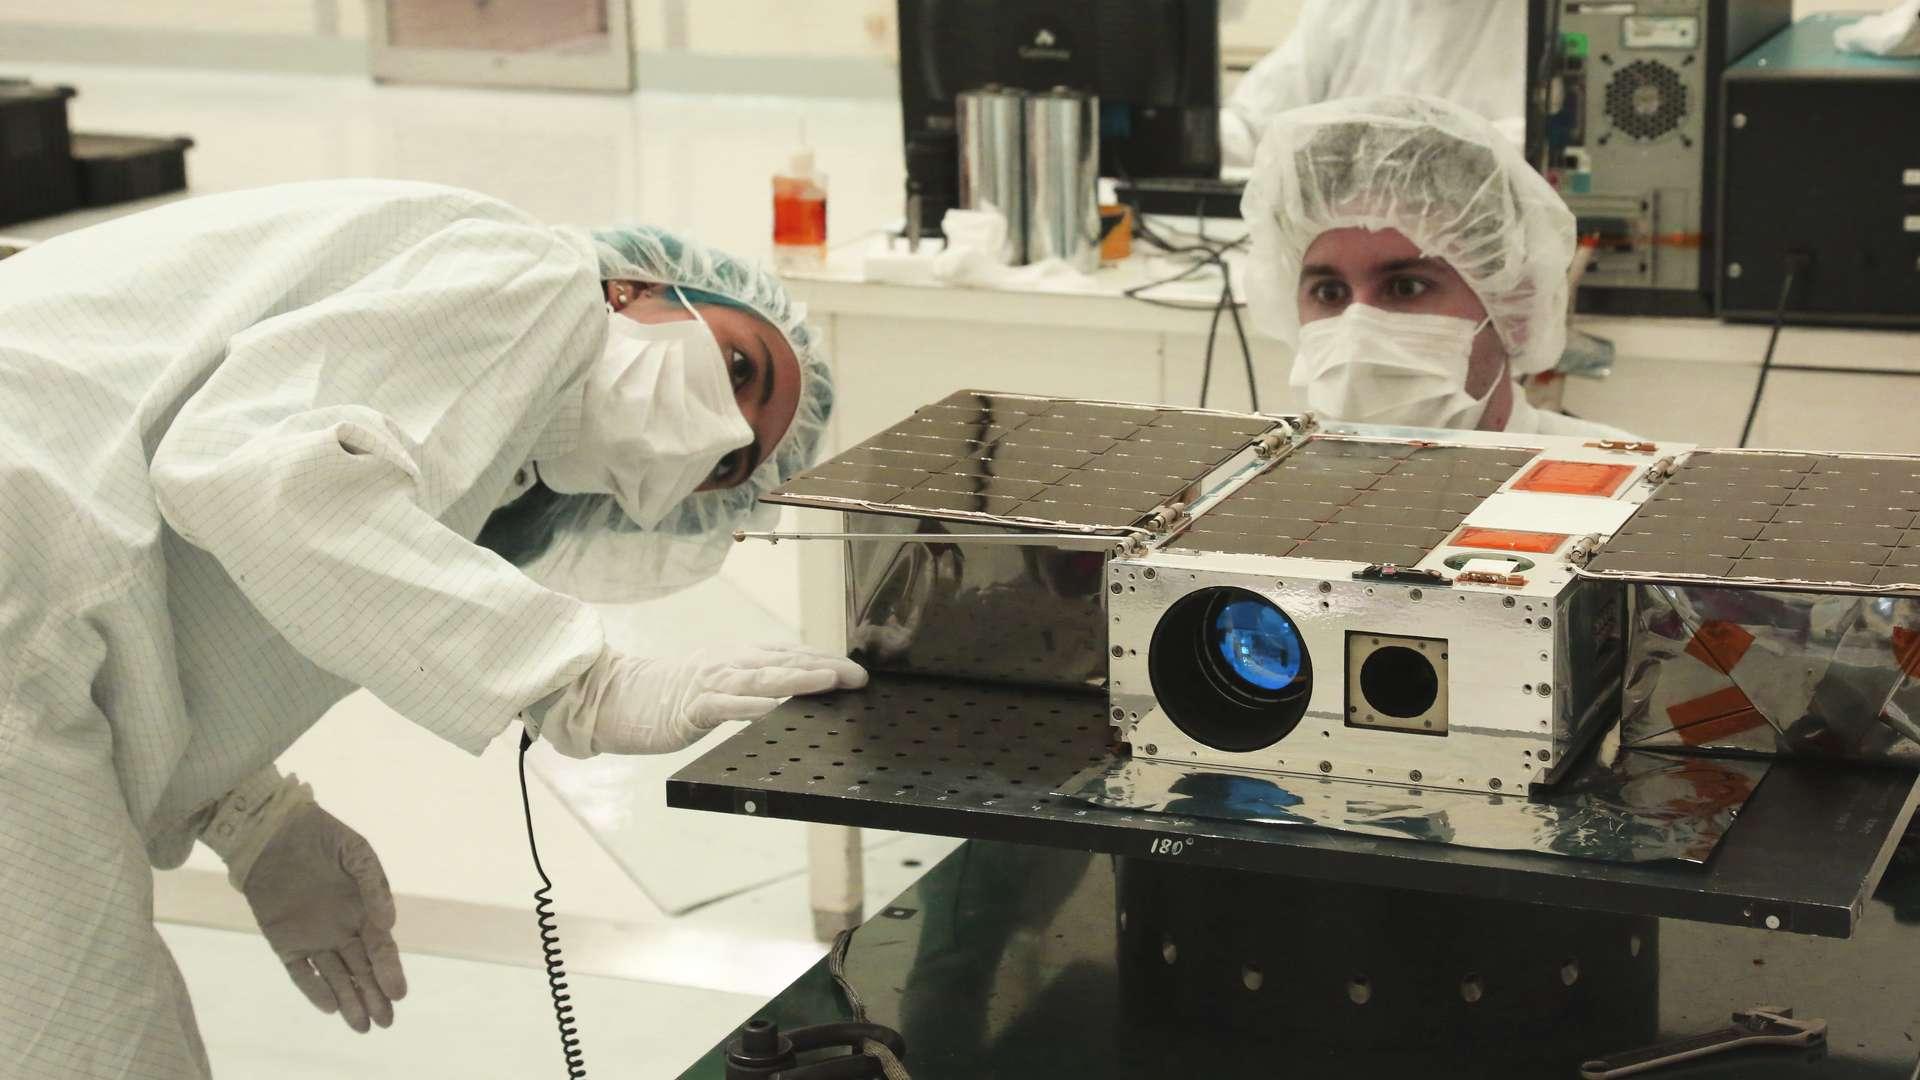 Asteria mesure à peine 10 cm de haut pour 30 cm de large. © Nasa, JPL-Caltech